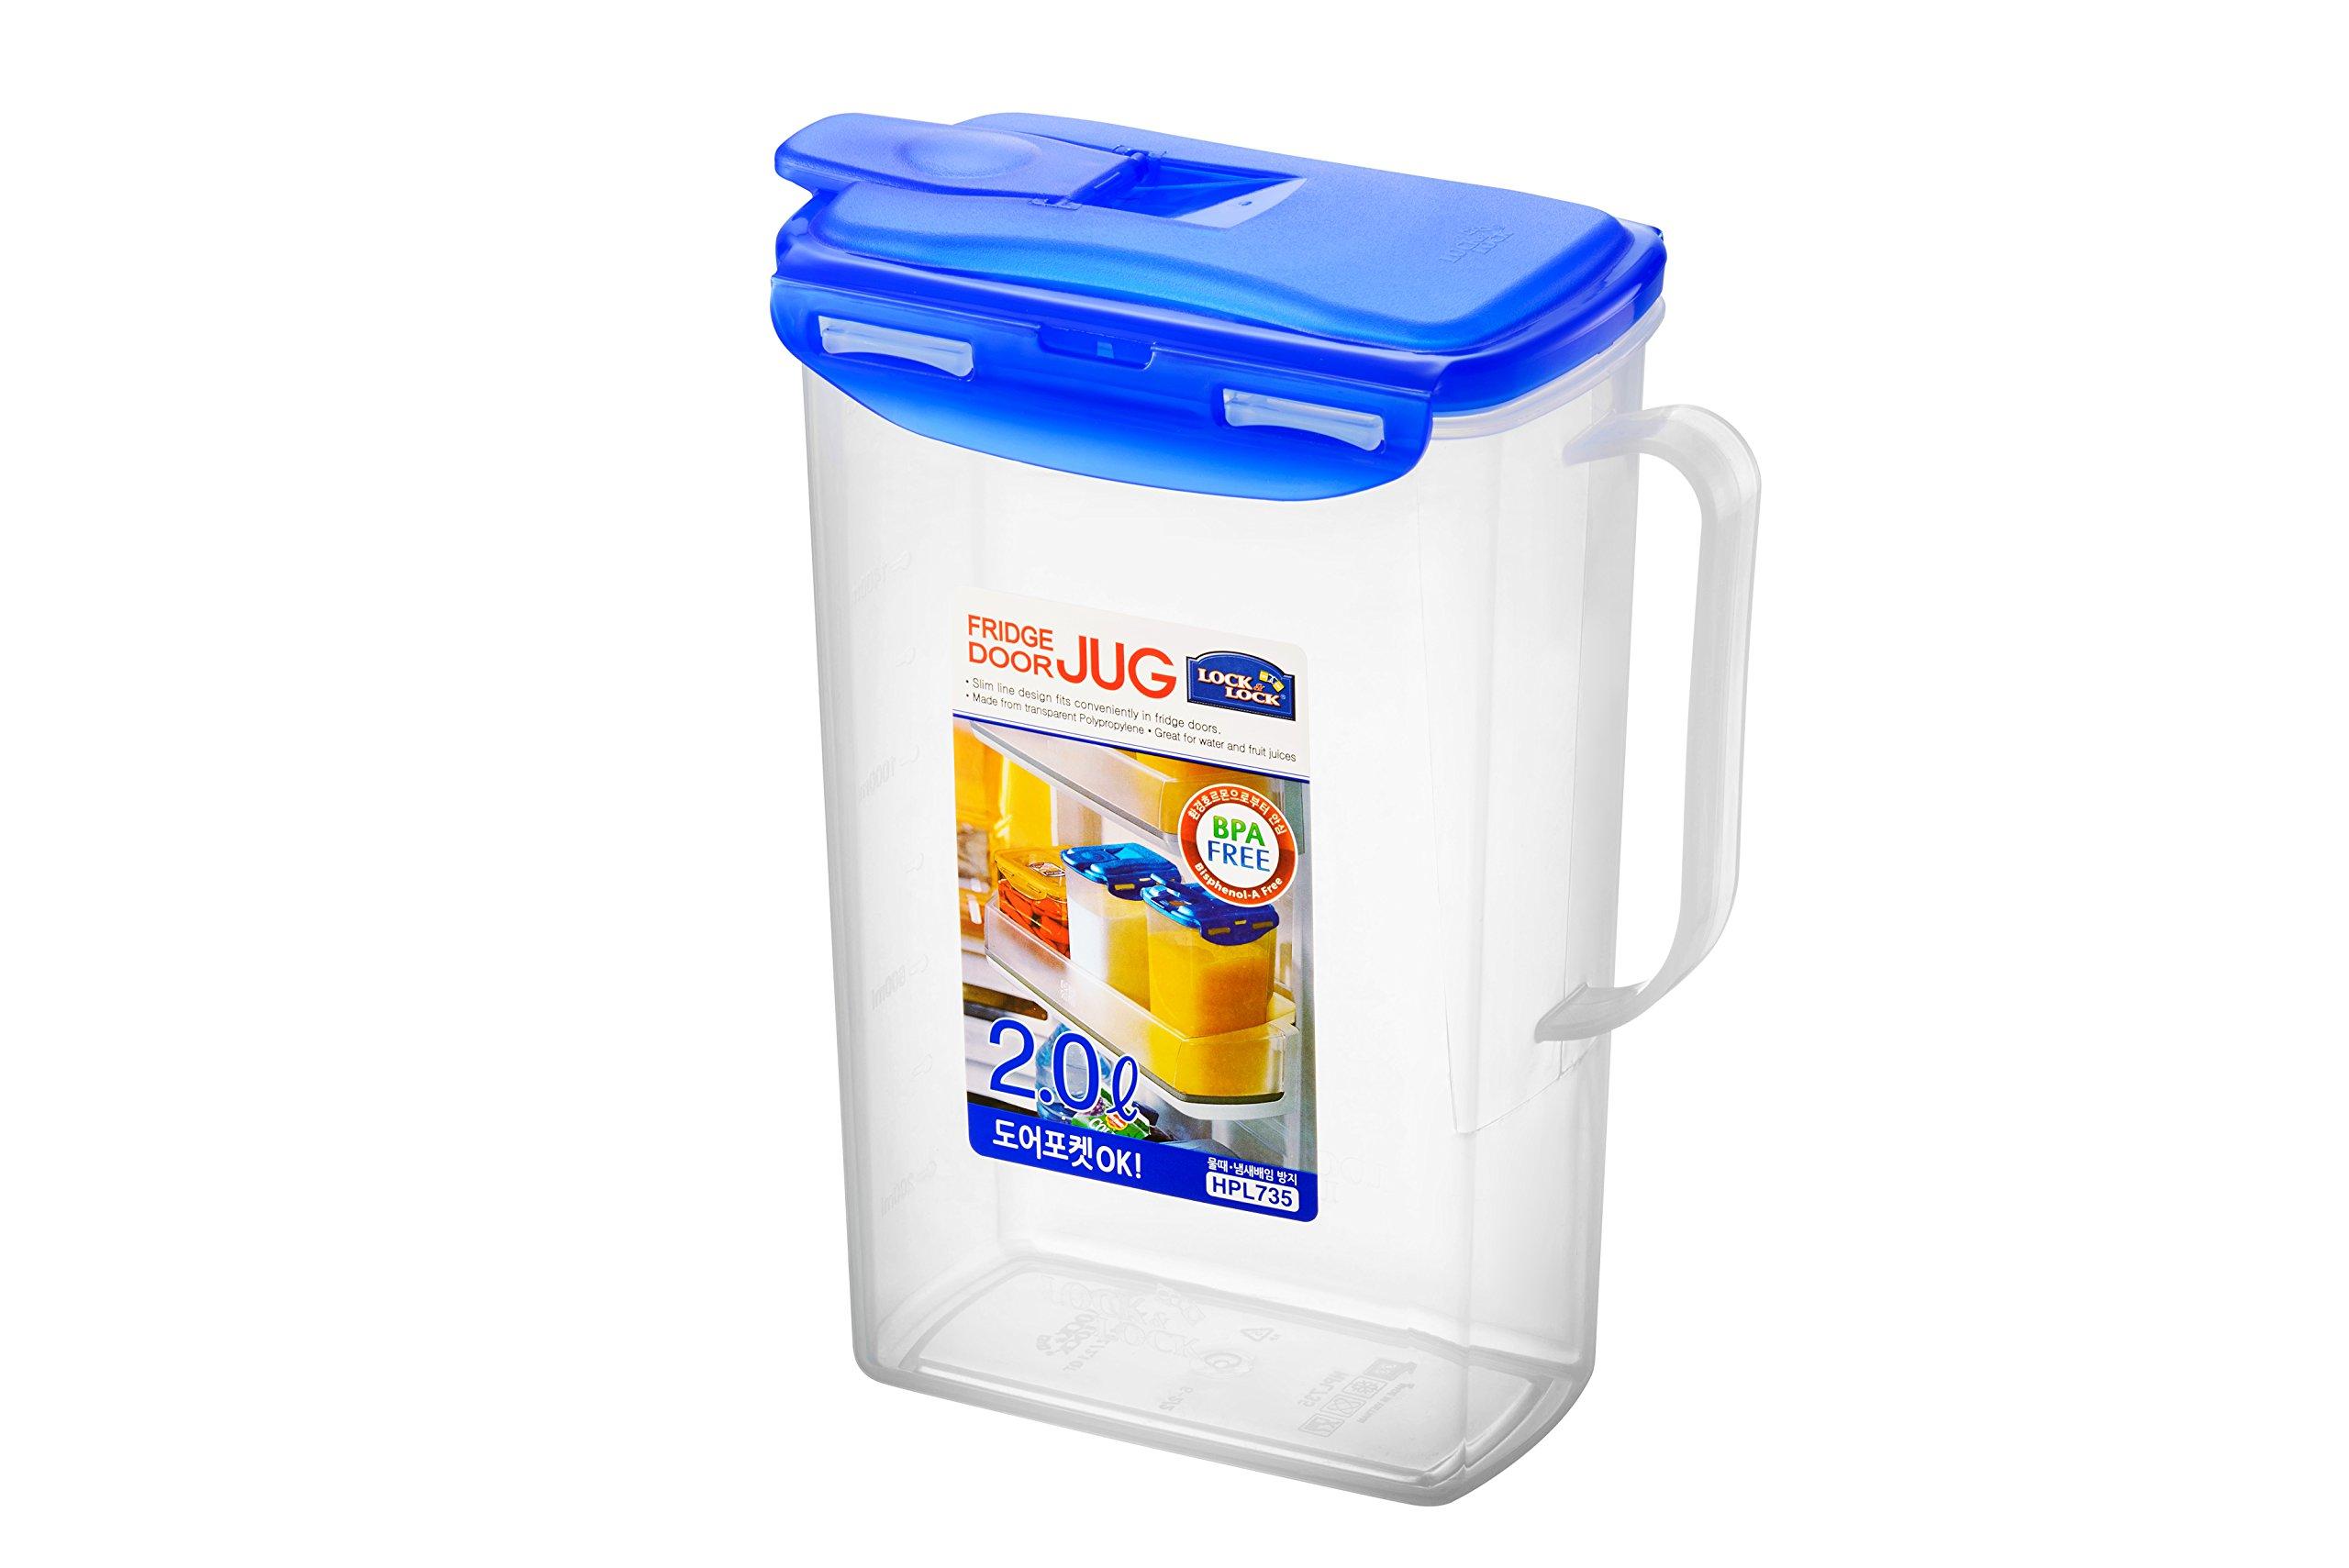 LOCK & LOCK Fridge Door Water Jug with Flip Top Lid 70.55-oz / 8.5-cup